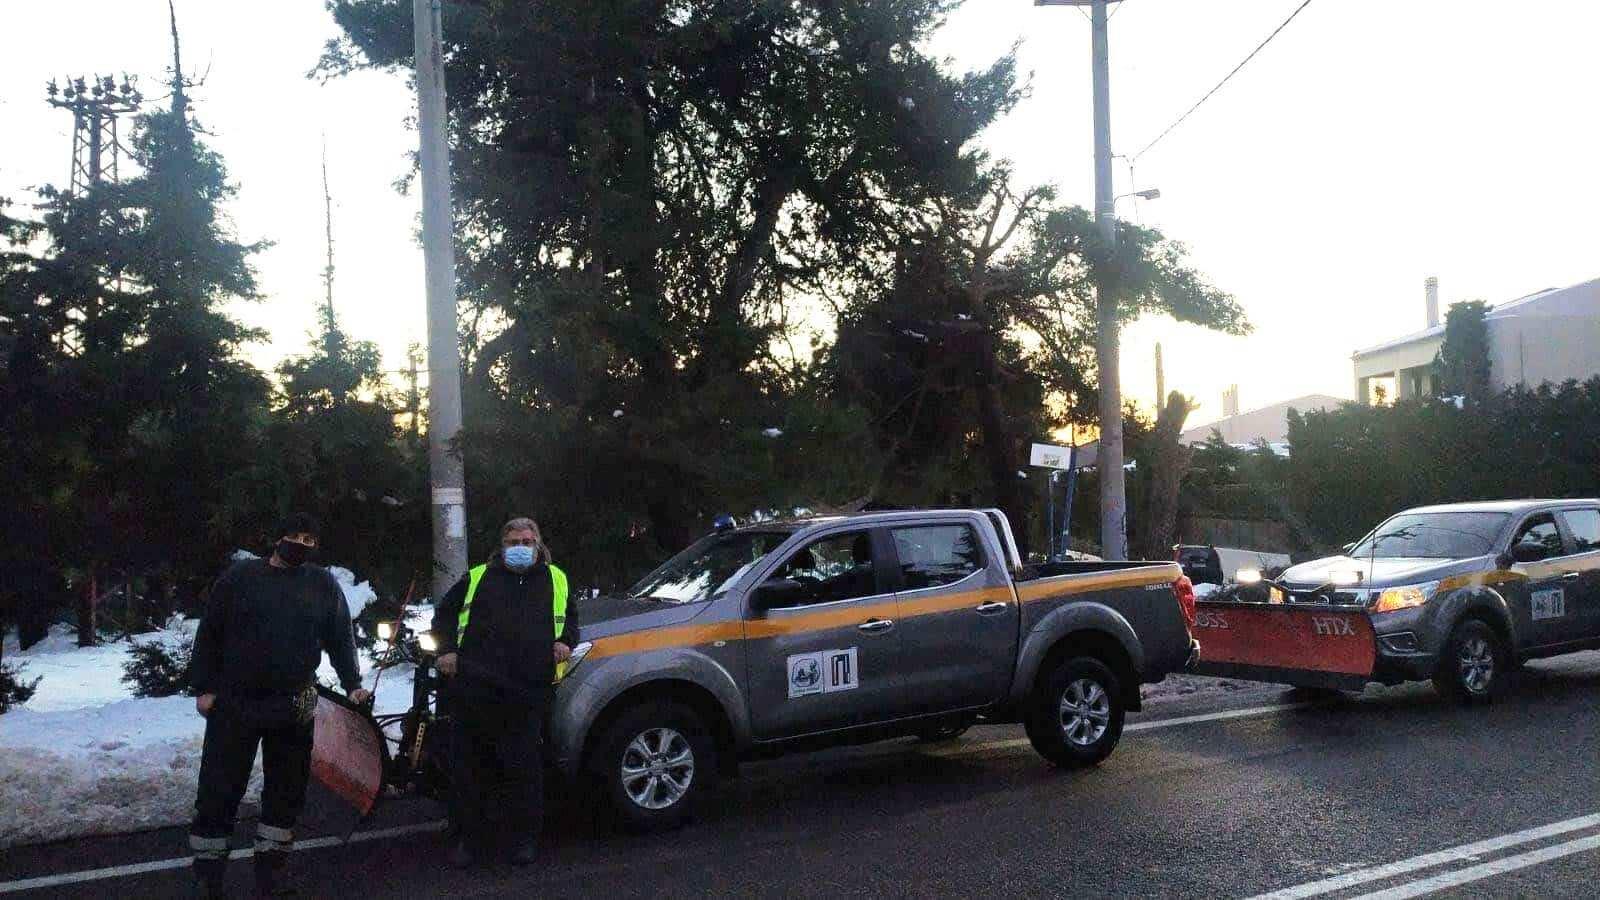 Ο Δήμος Πειραιά απέστειλε δύο ειδικά εκχιονιστικά οχήματα σε Δήμους των Βορείων Προαστίων